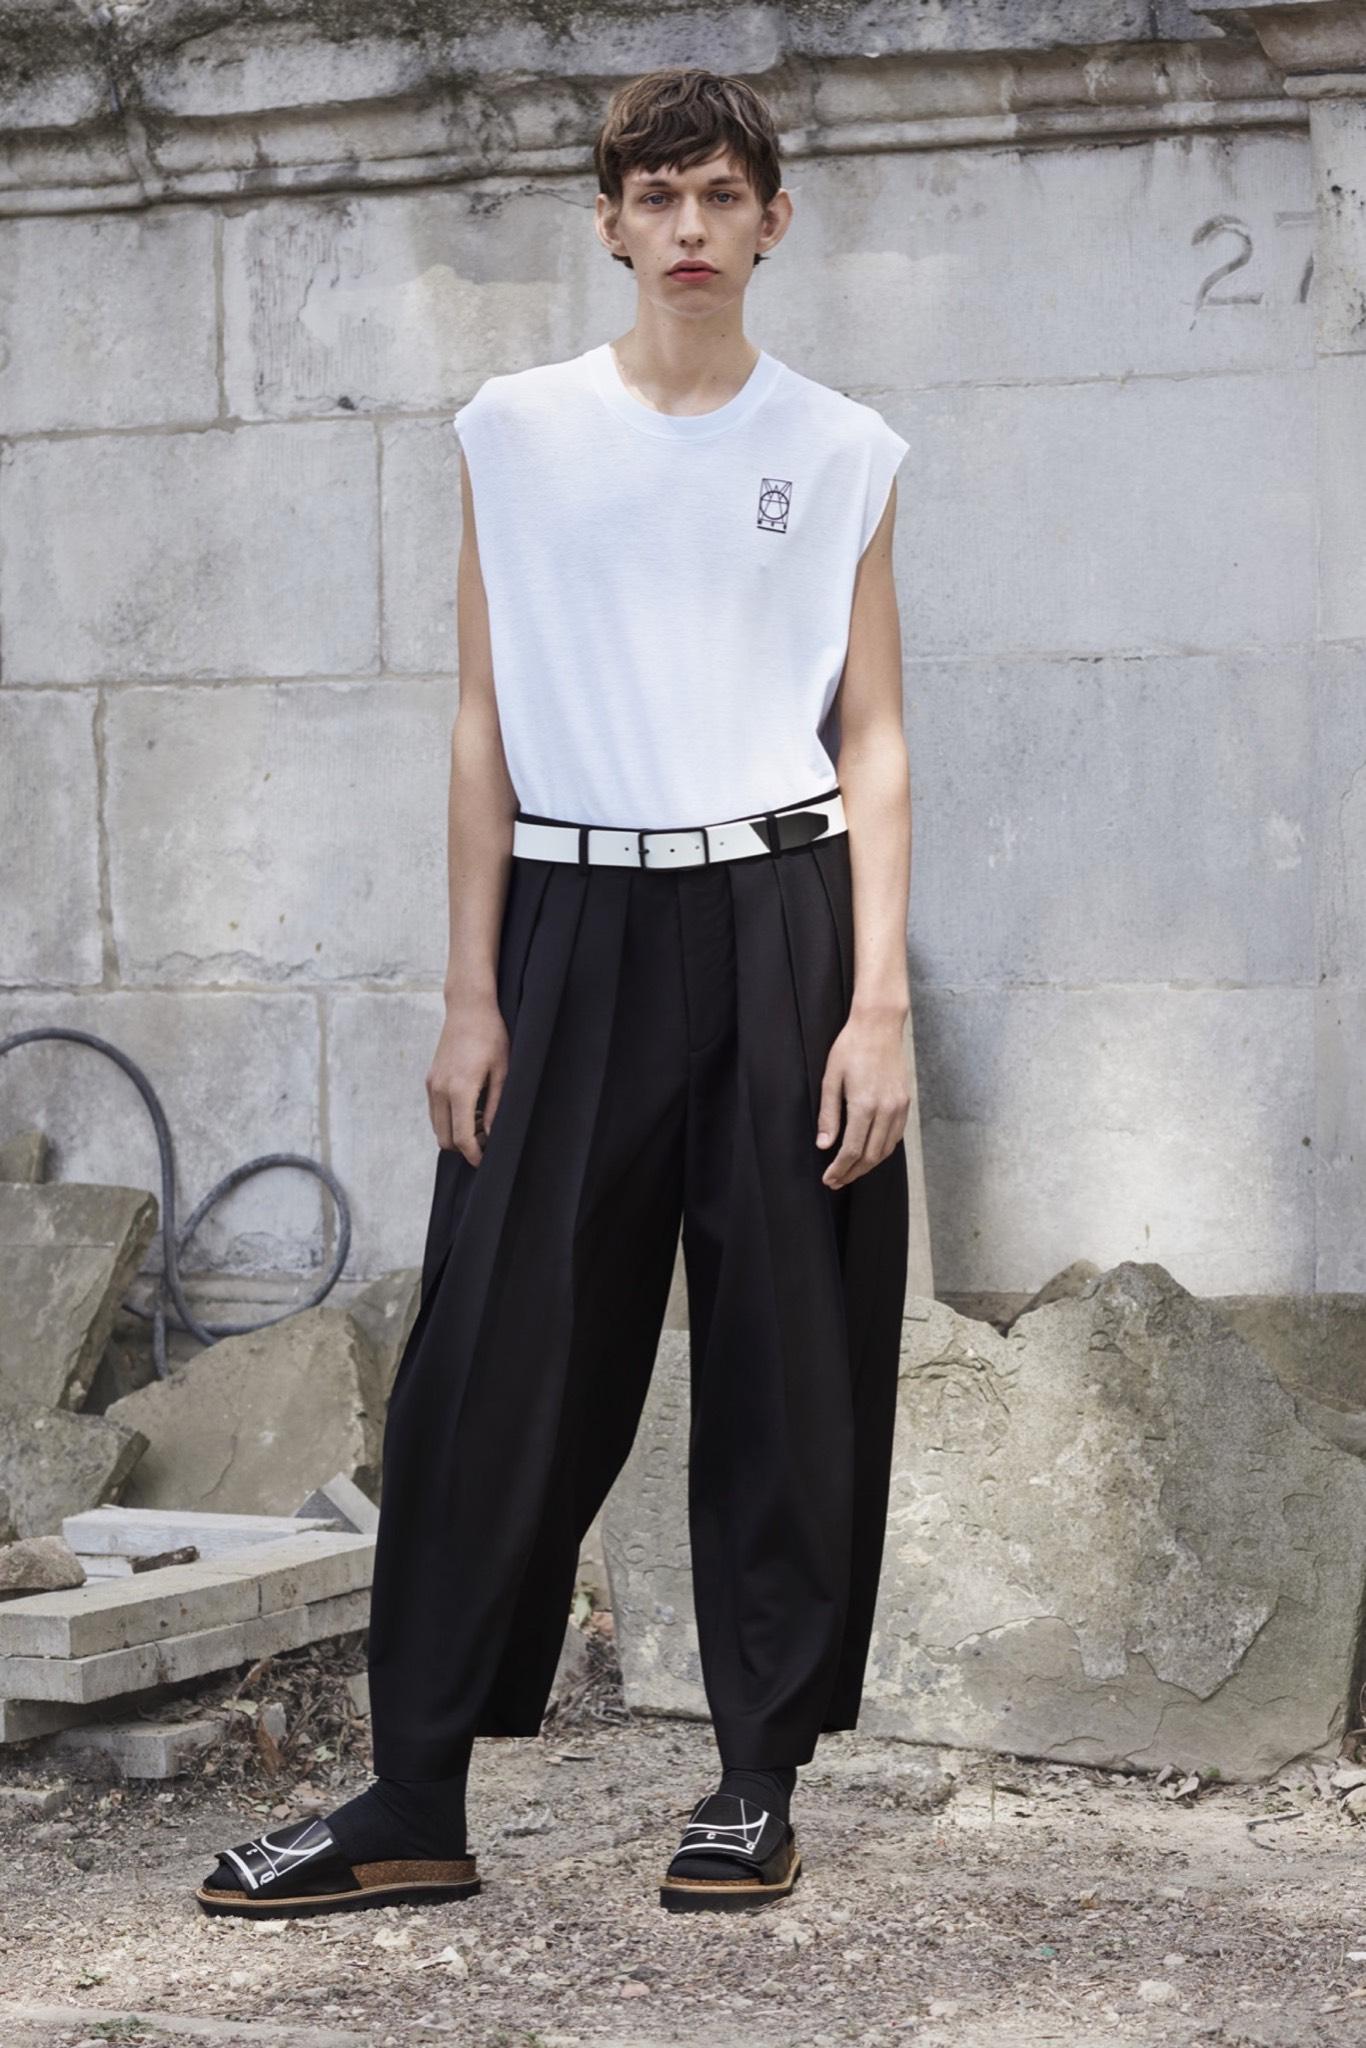 NYFW: McQ Alexander McQueen Spring/Summer 2016 Collection